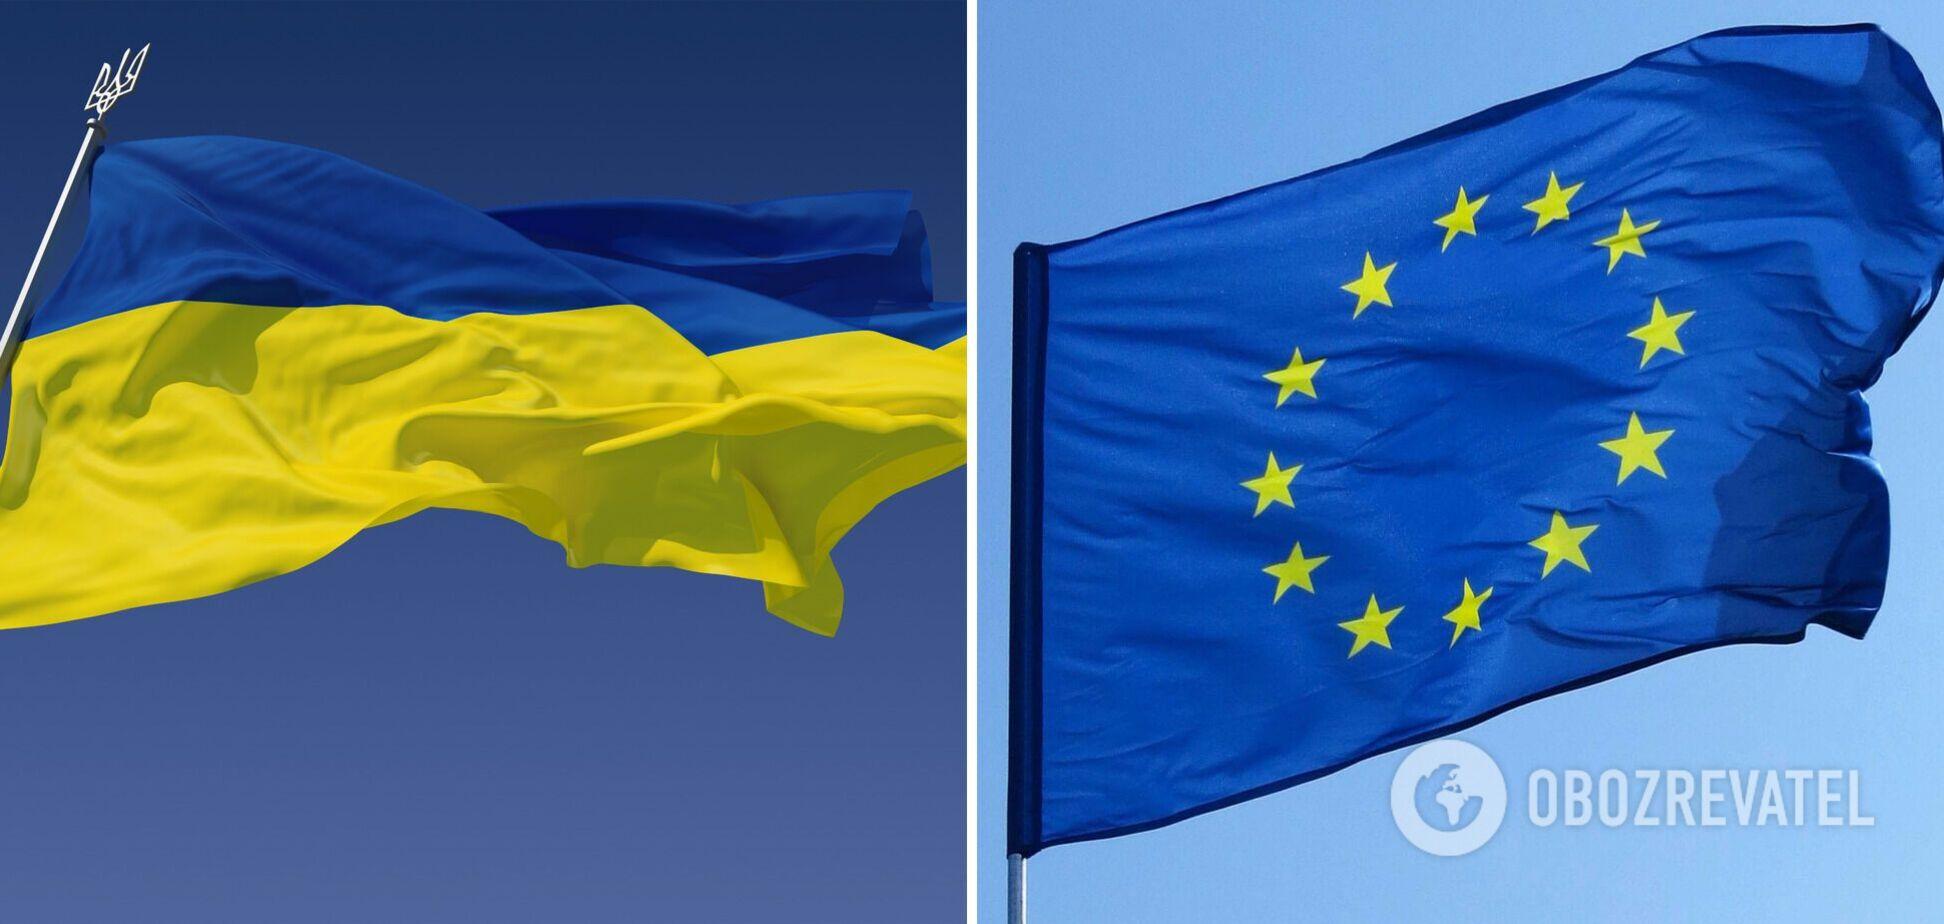 Украина ждет 'конкретных решений' по членству в ЕС: озвучены сроки